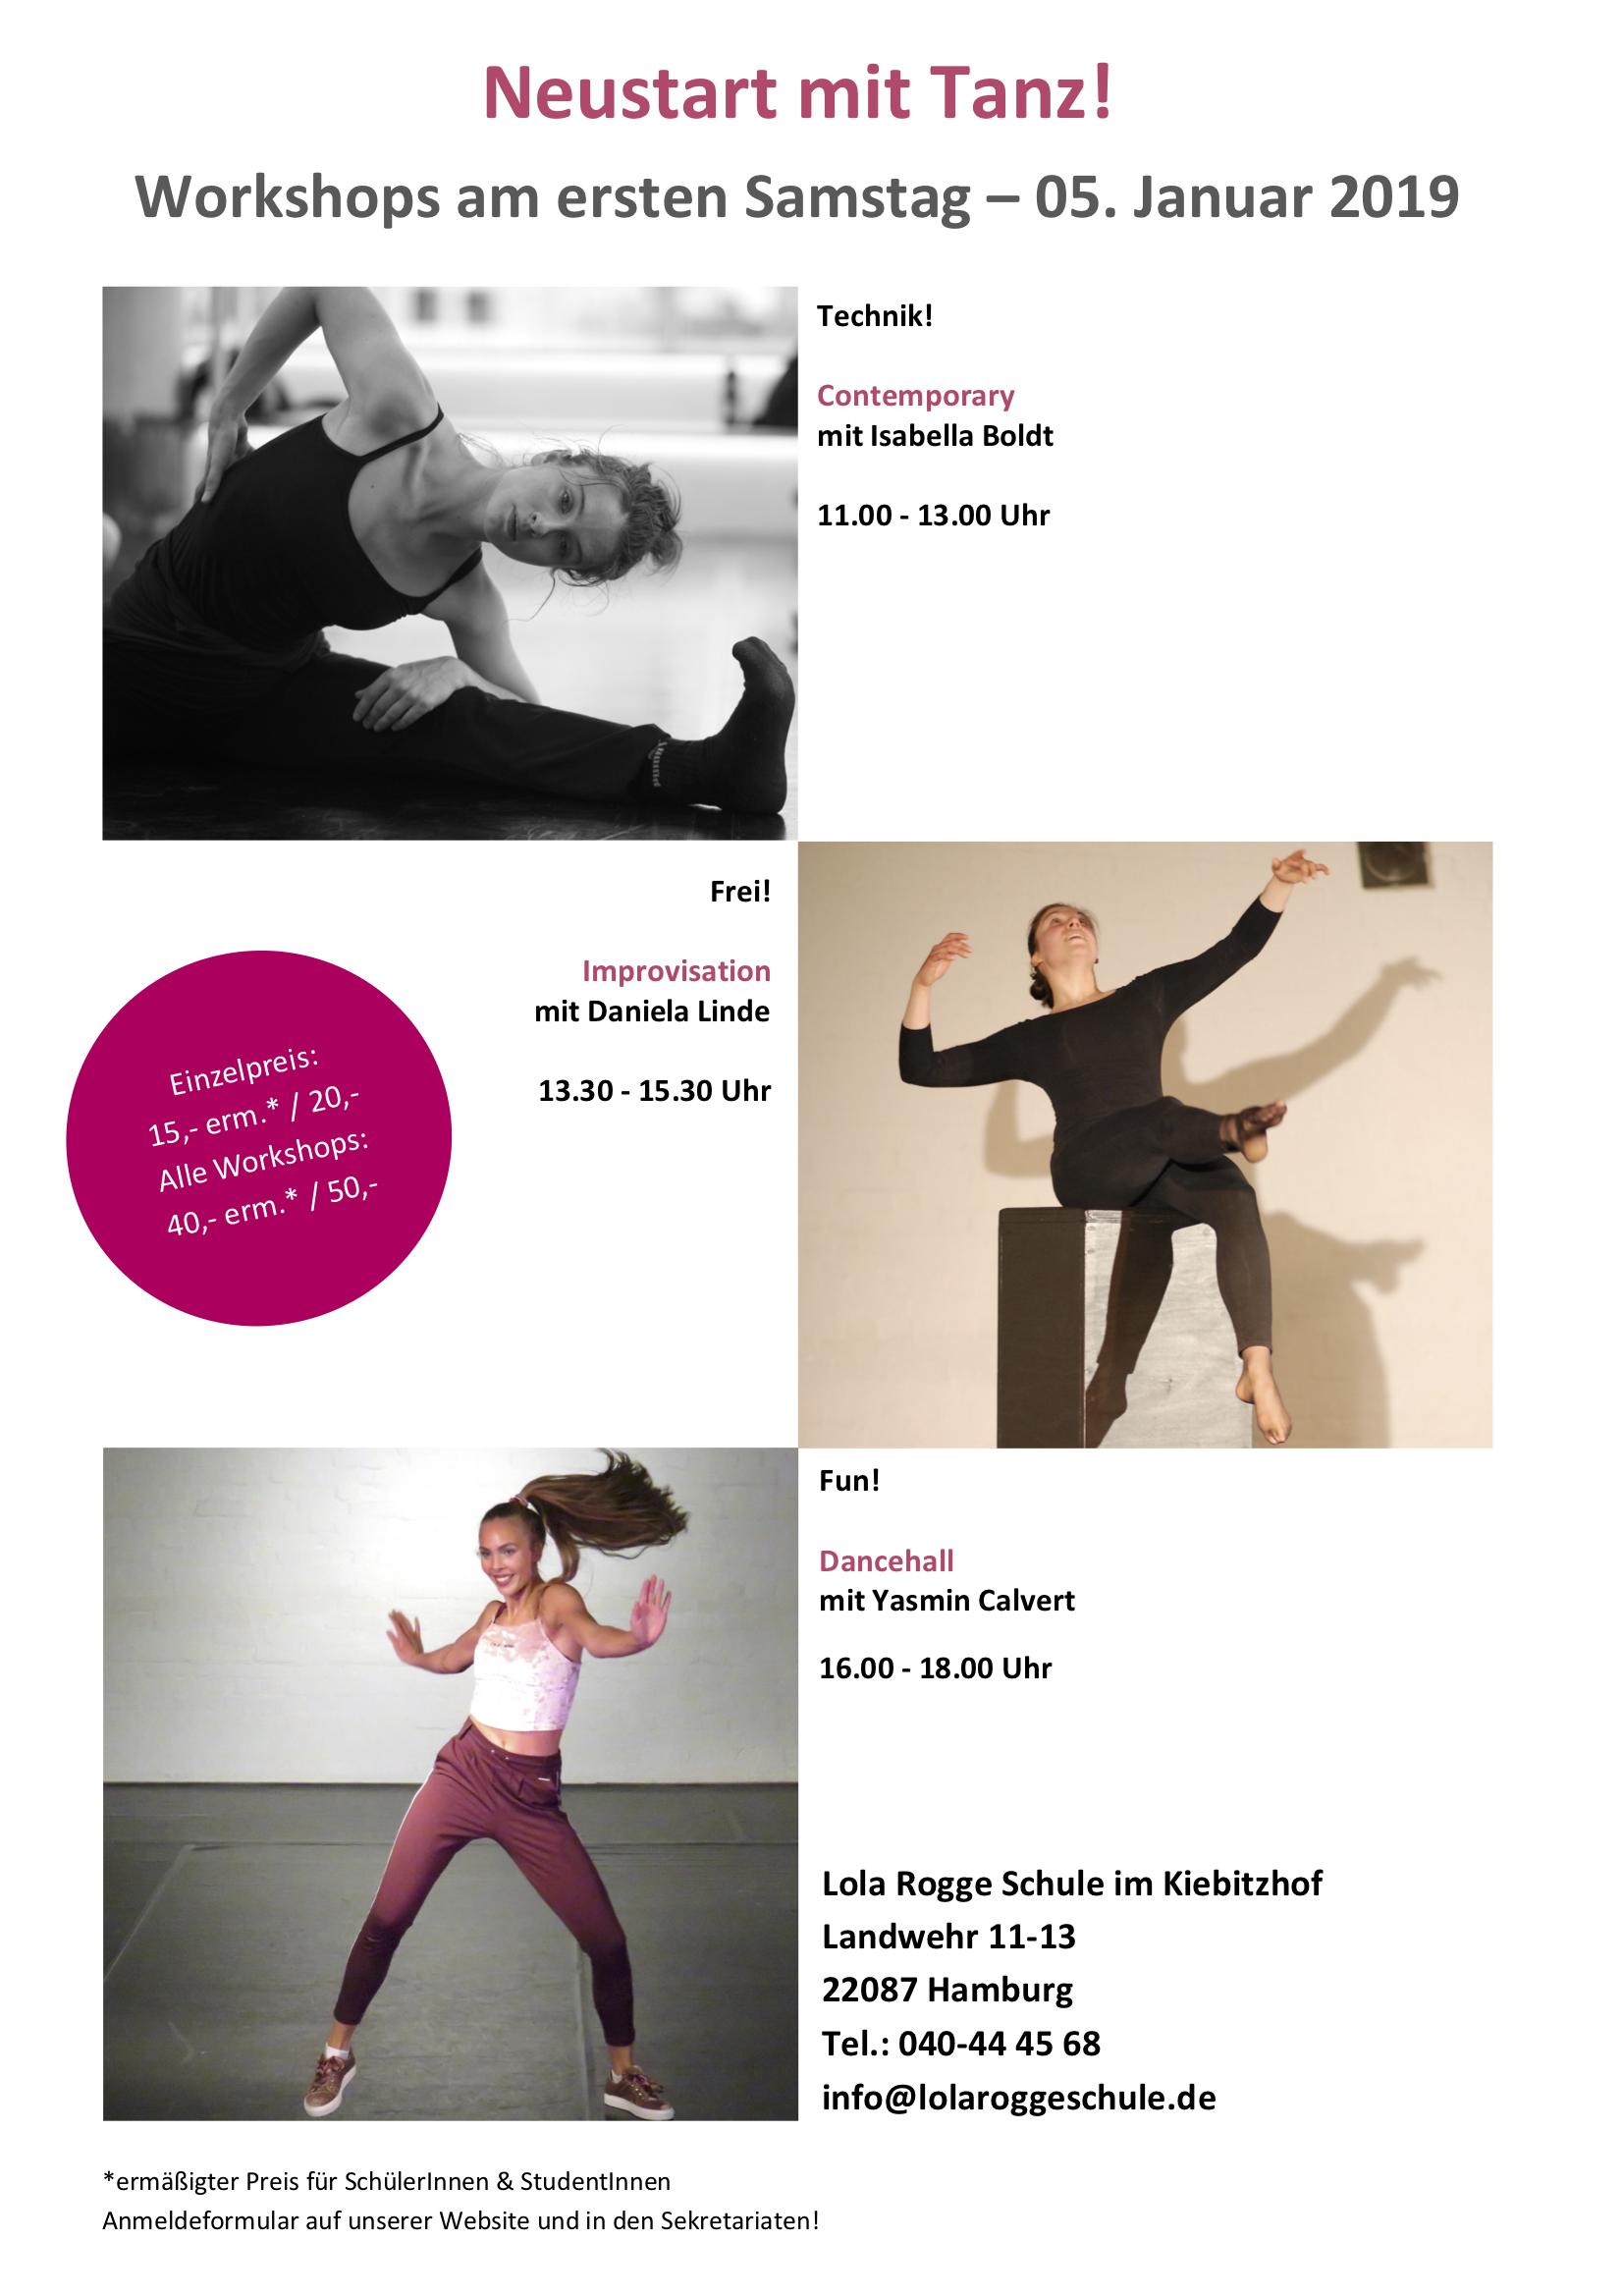 infoblatt-workshops-05.01.2019-lolaroggeschule